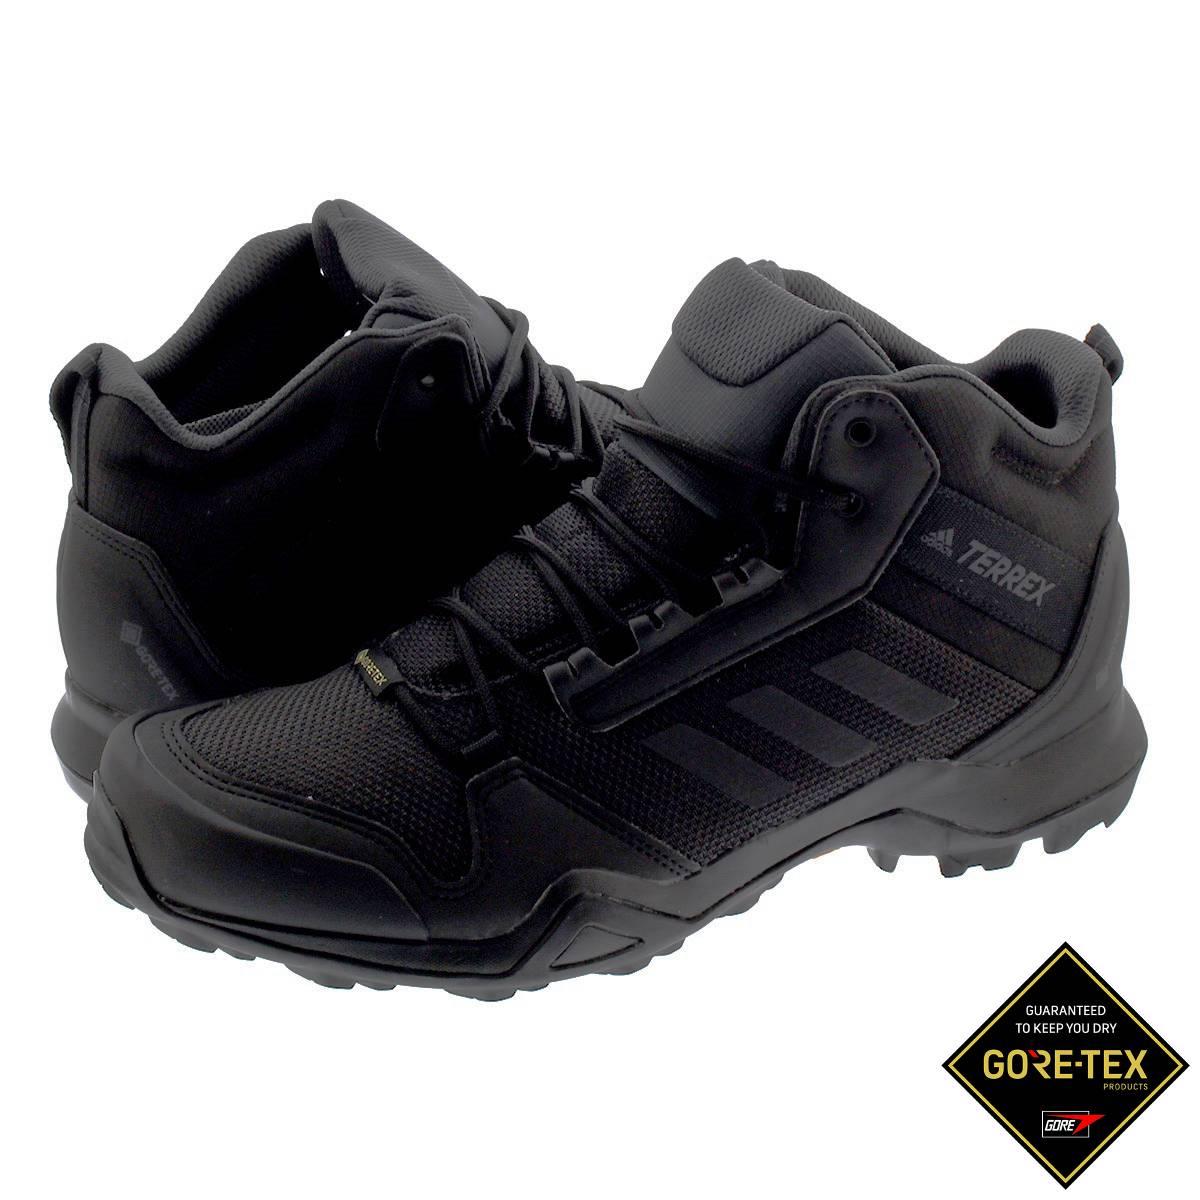 【毎日がお得!値下げプライス】 adidas TERREX AX3 MID GTX アディダス テレックス AX3 ミッド ゴアテックス CORE BLACK/CORE BLACK/CARBON bc0466